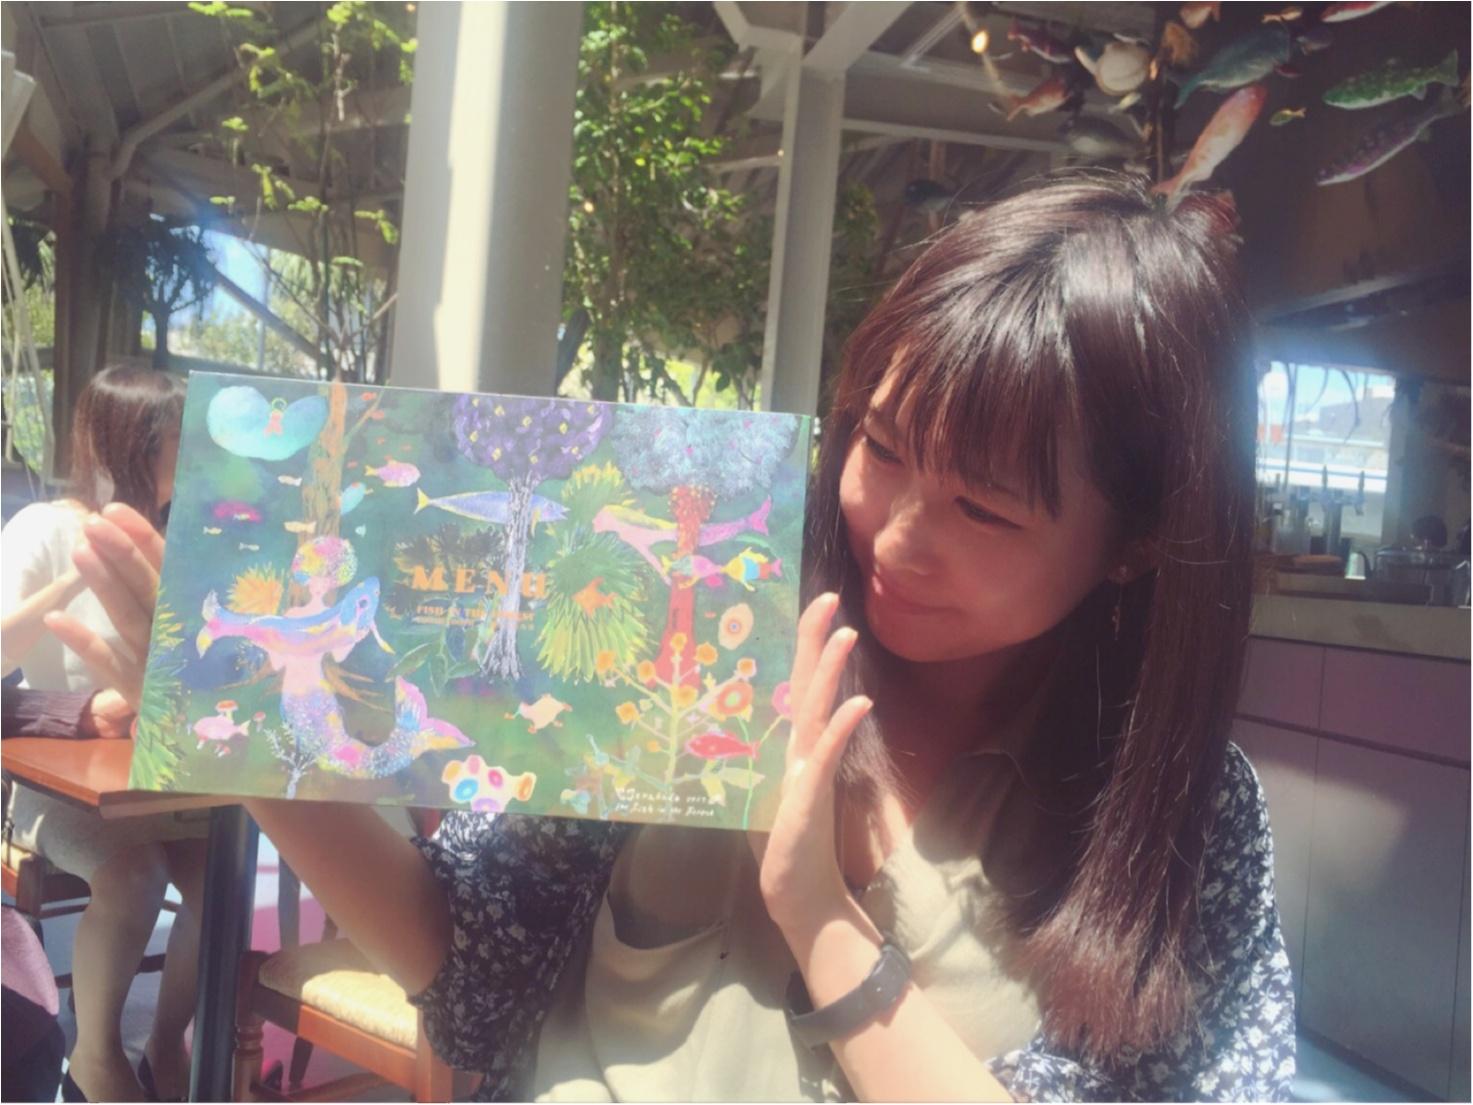 神戸★みそさんぽ-メリケンパークに新スポット続々!地元に愛されたcafe Fish!がリニューアル-_3